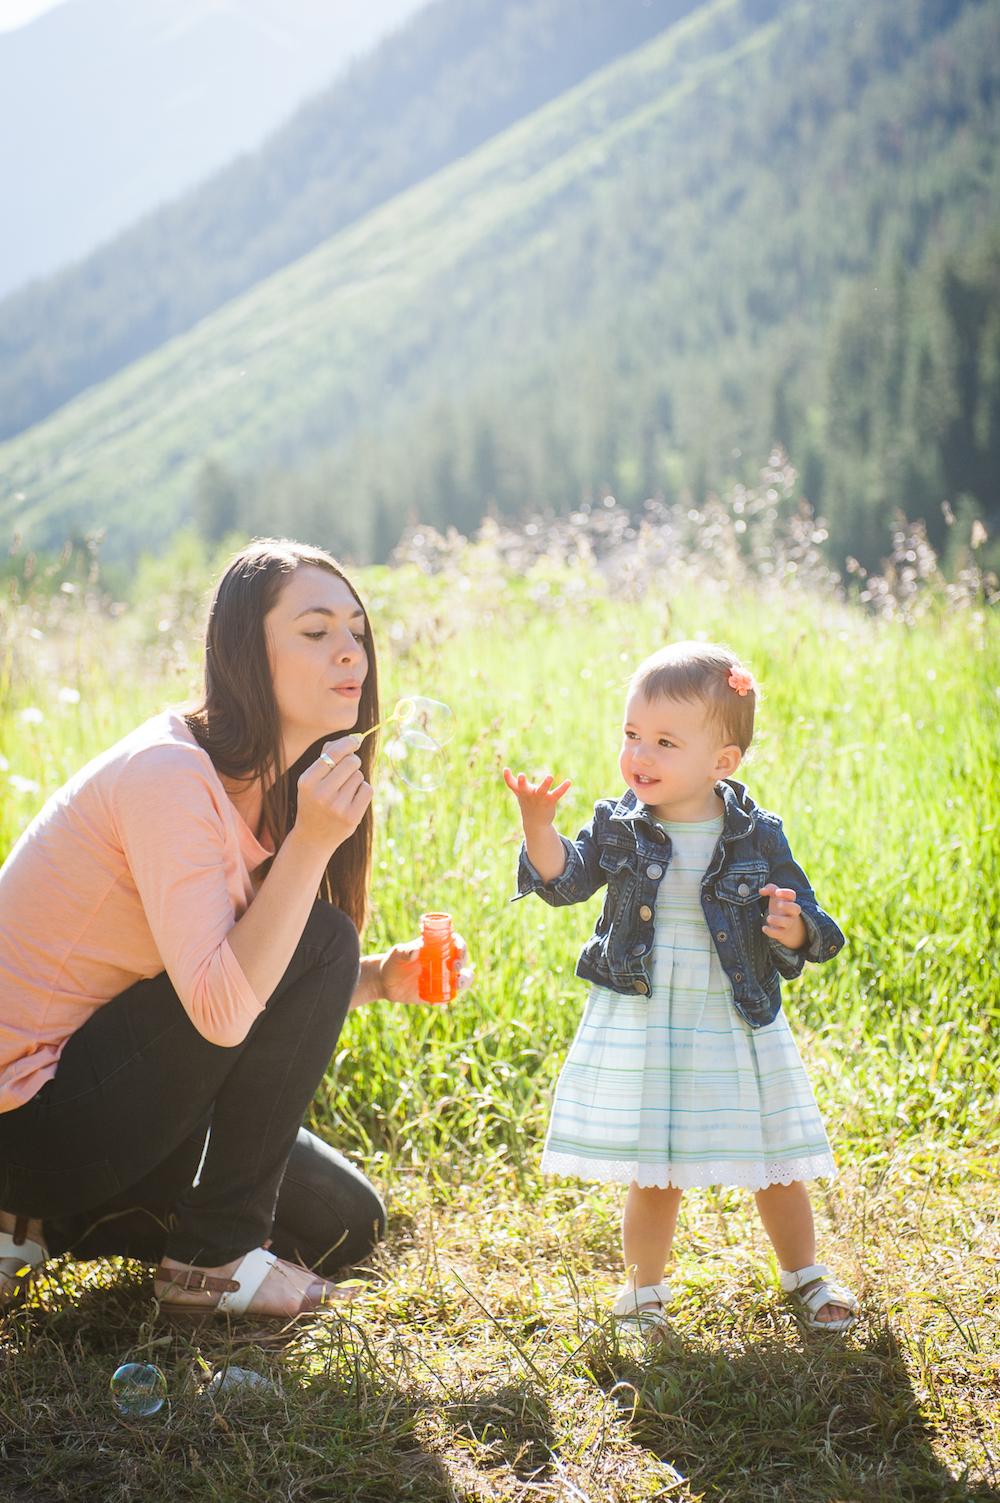 ck-Colorado-Family-Photography-0007.jpg